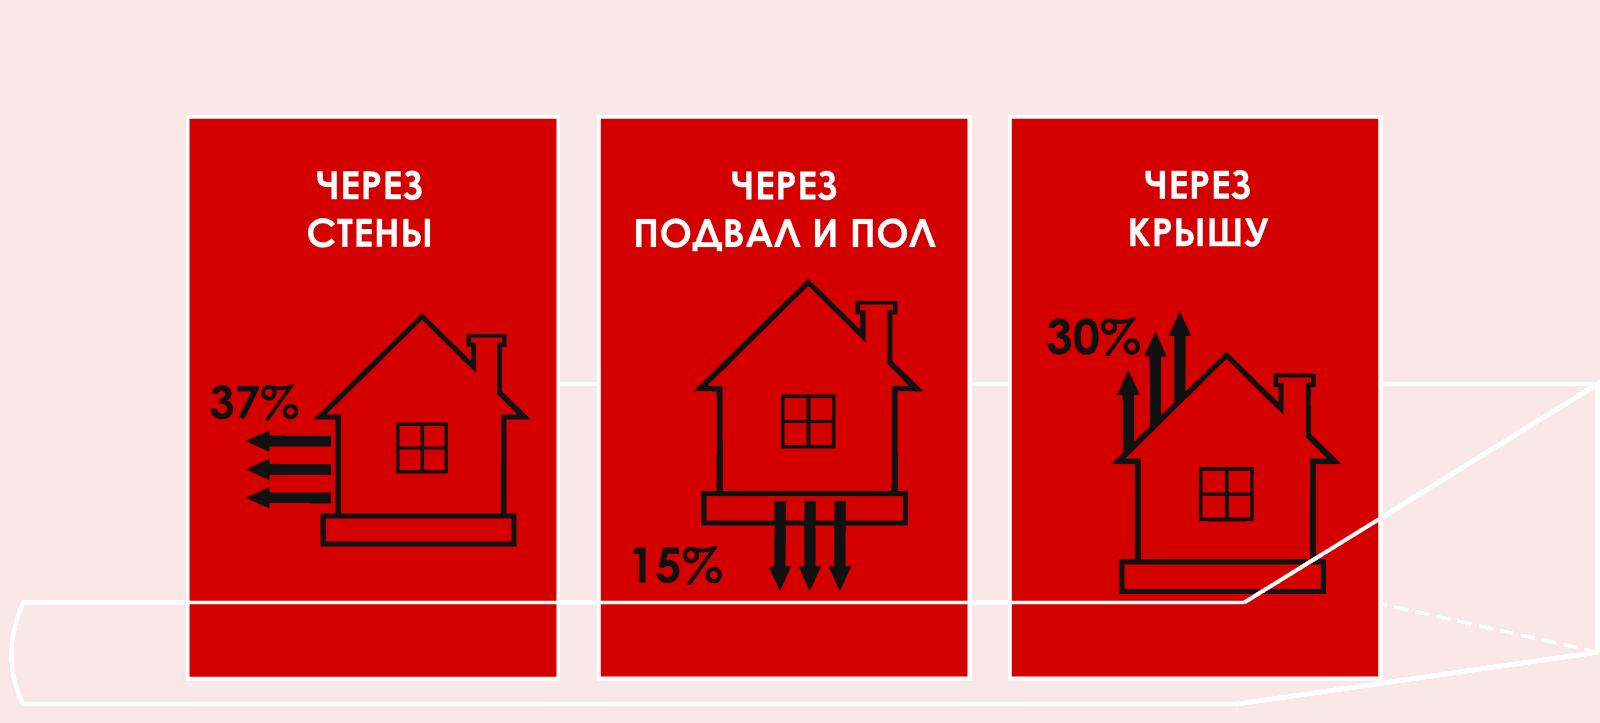 основные теплопотери дома